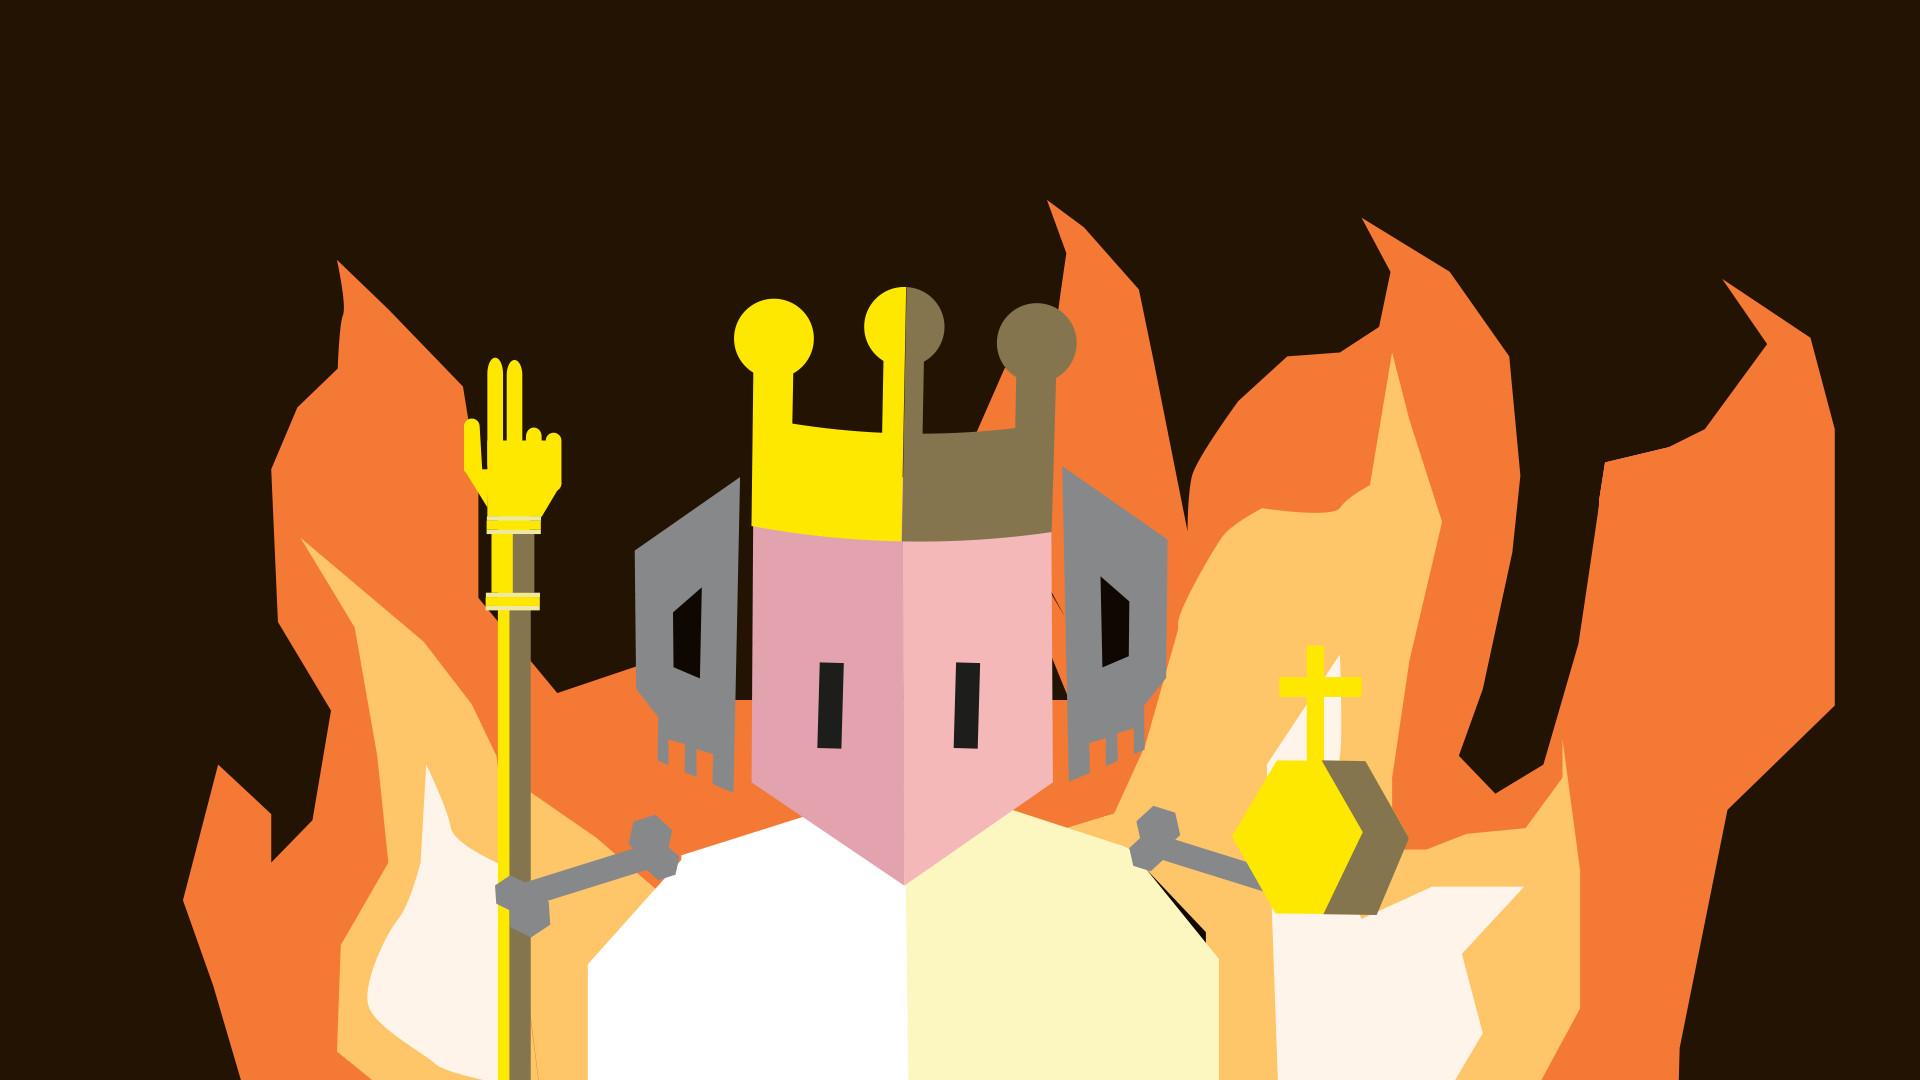 O Rei está morto, de novo